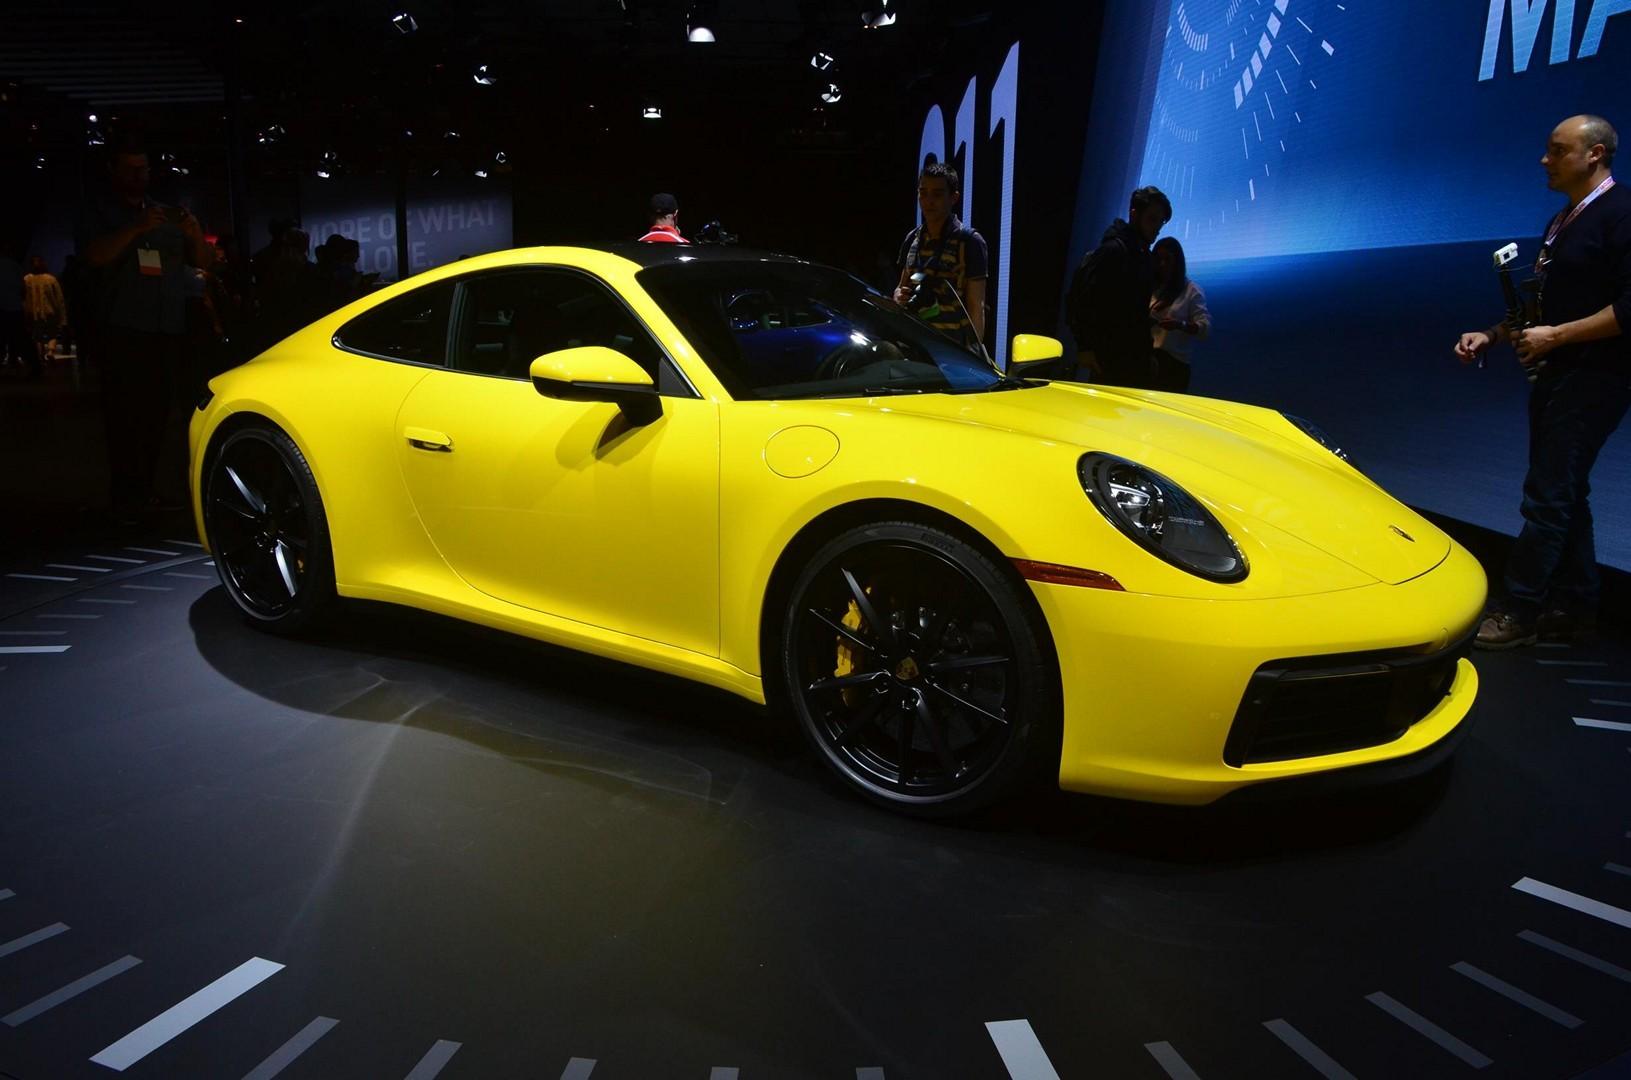 Porsche 911 Rims >> 2020 Porsche 911 Gets HRE Wheels in Aftermarket Rendering - autoevolution